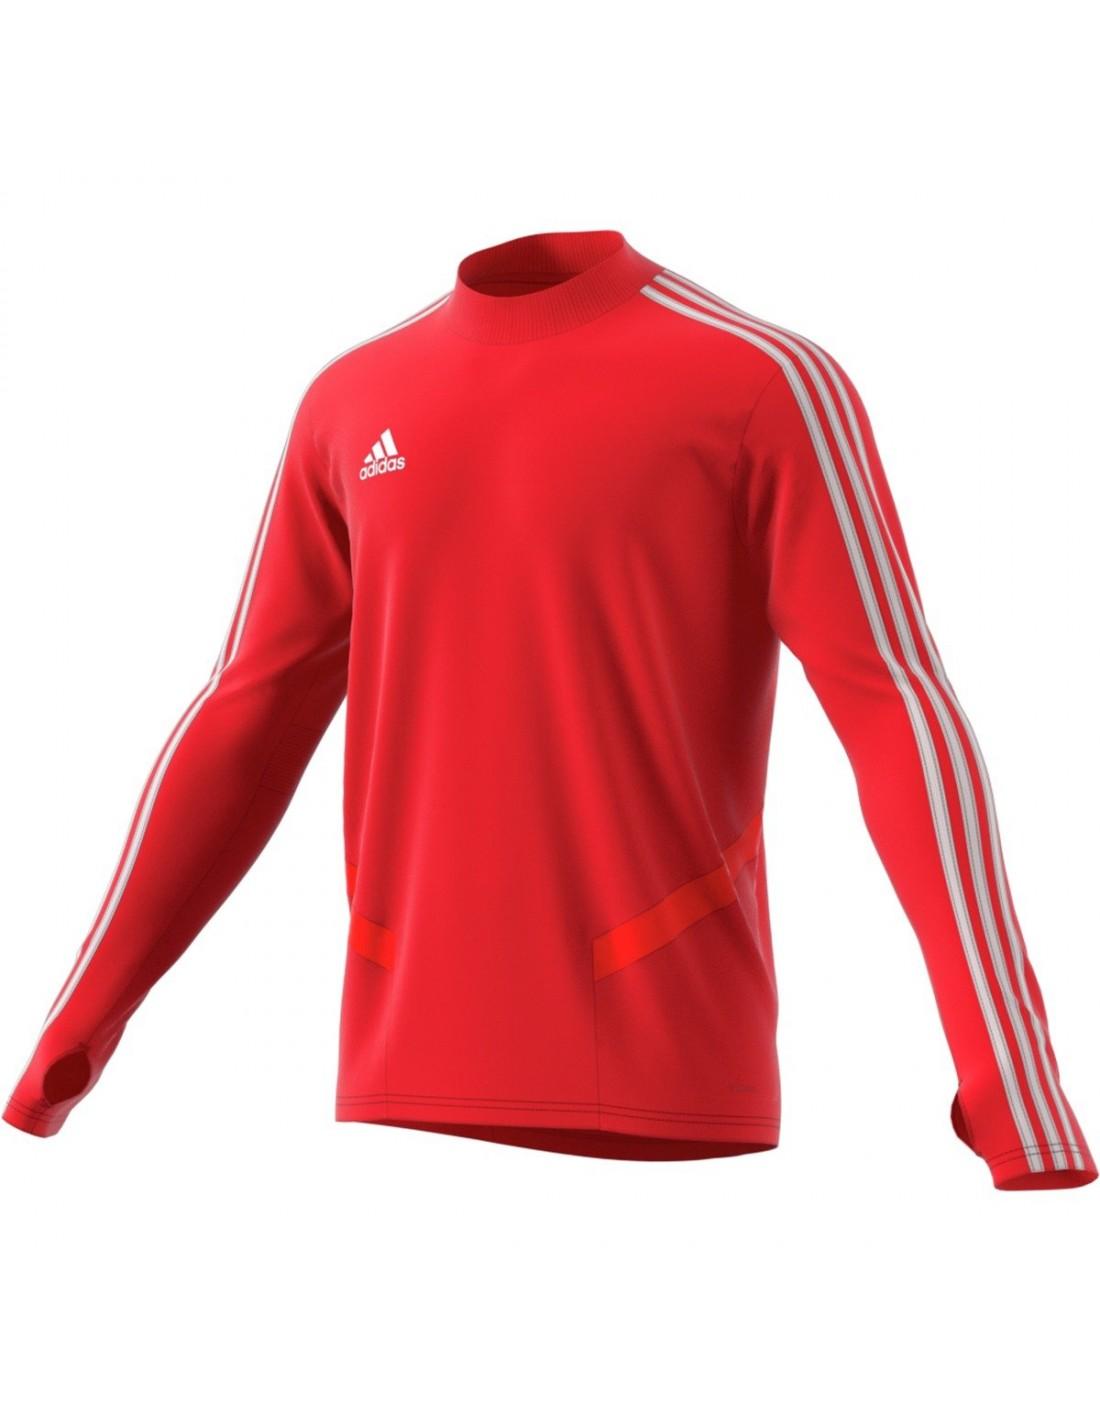 Genser Herrer Adidas Tiro19 Training Top Herre D95920 499 kr